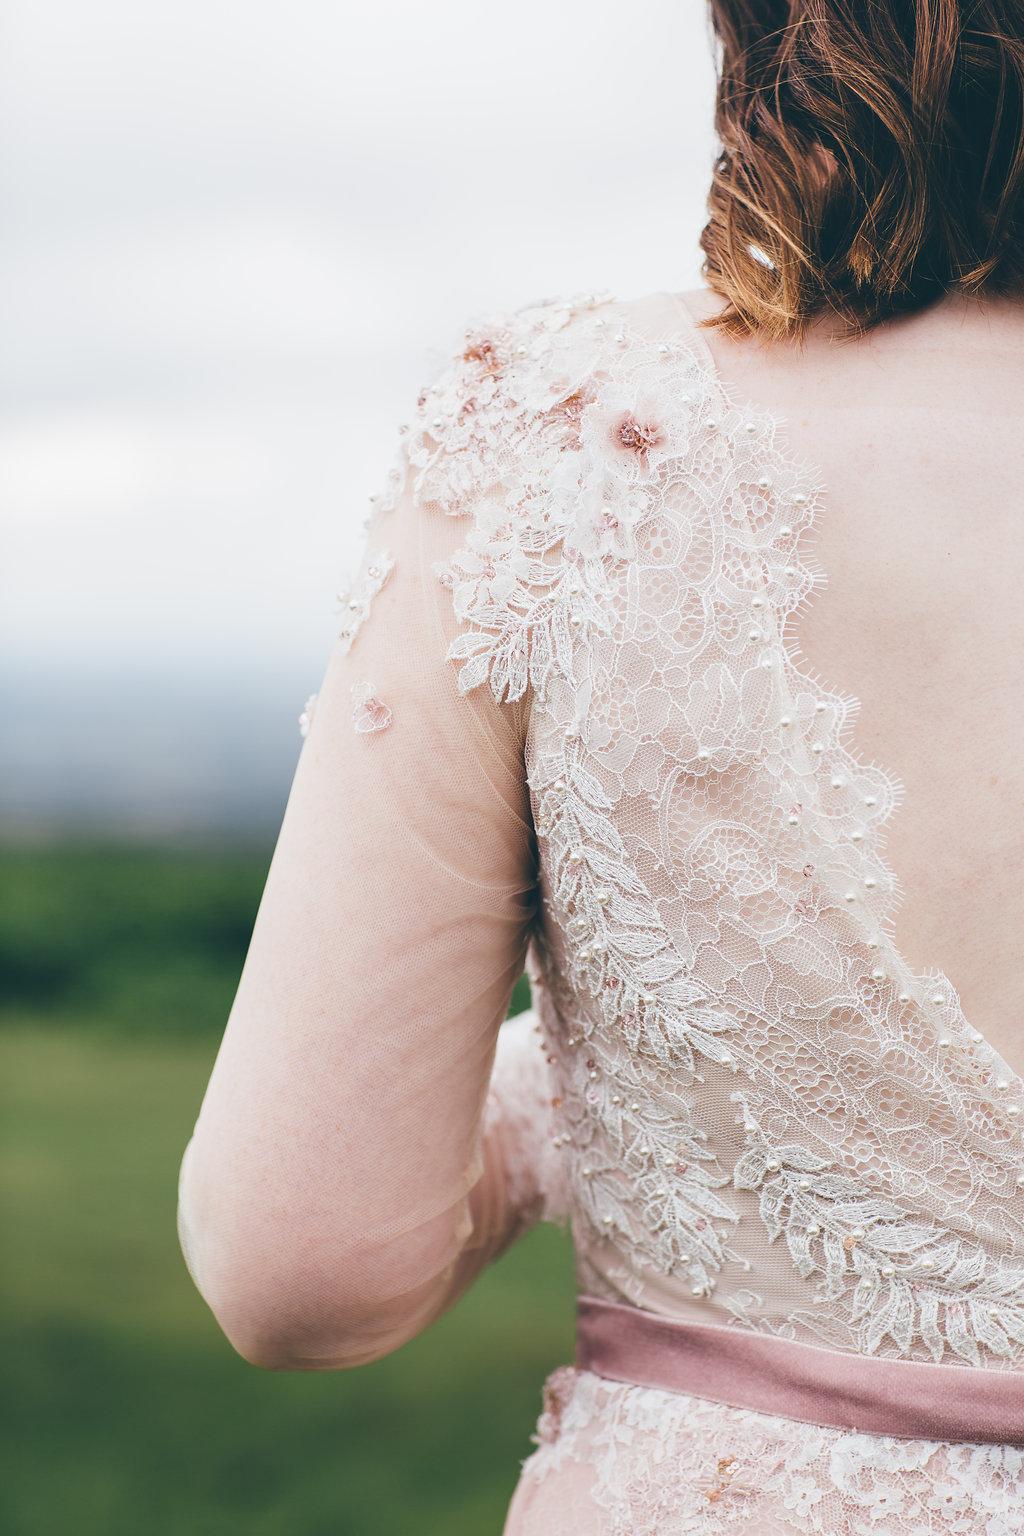 Design your own wedding dress, bumpkin Betty